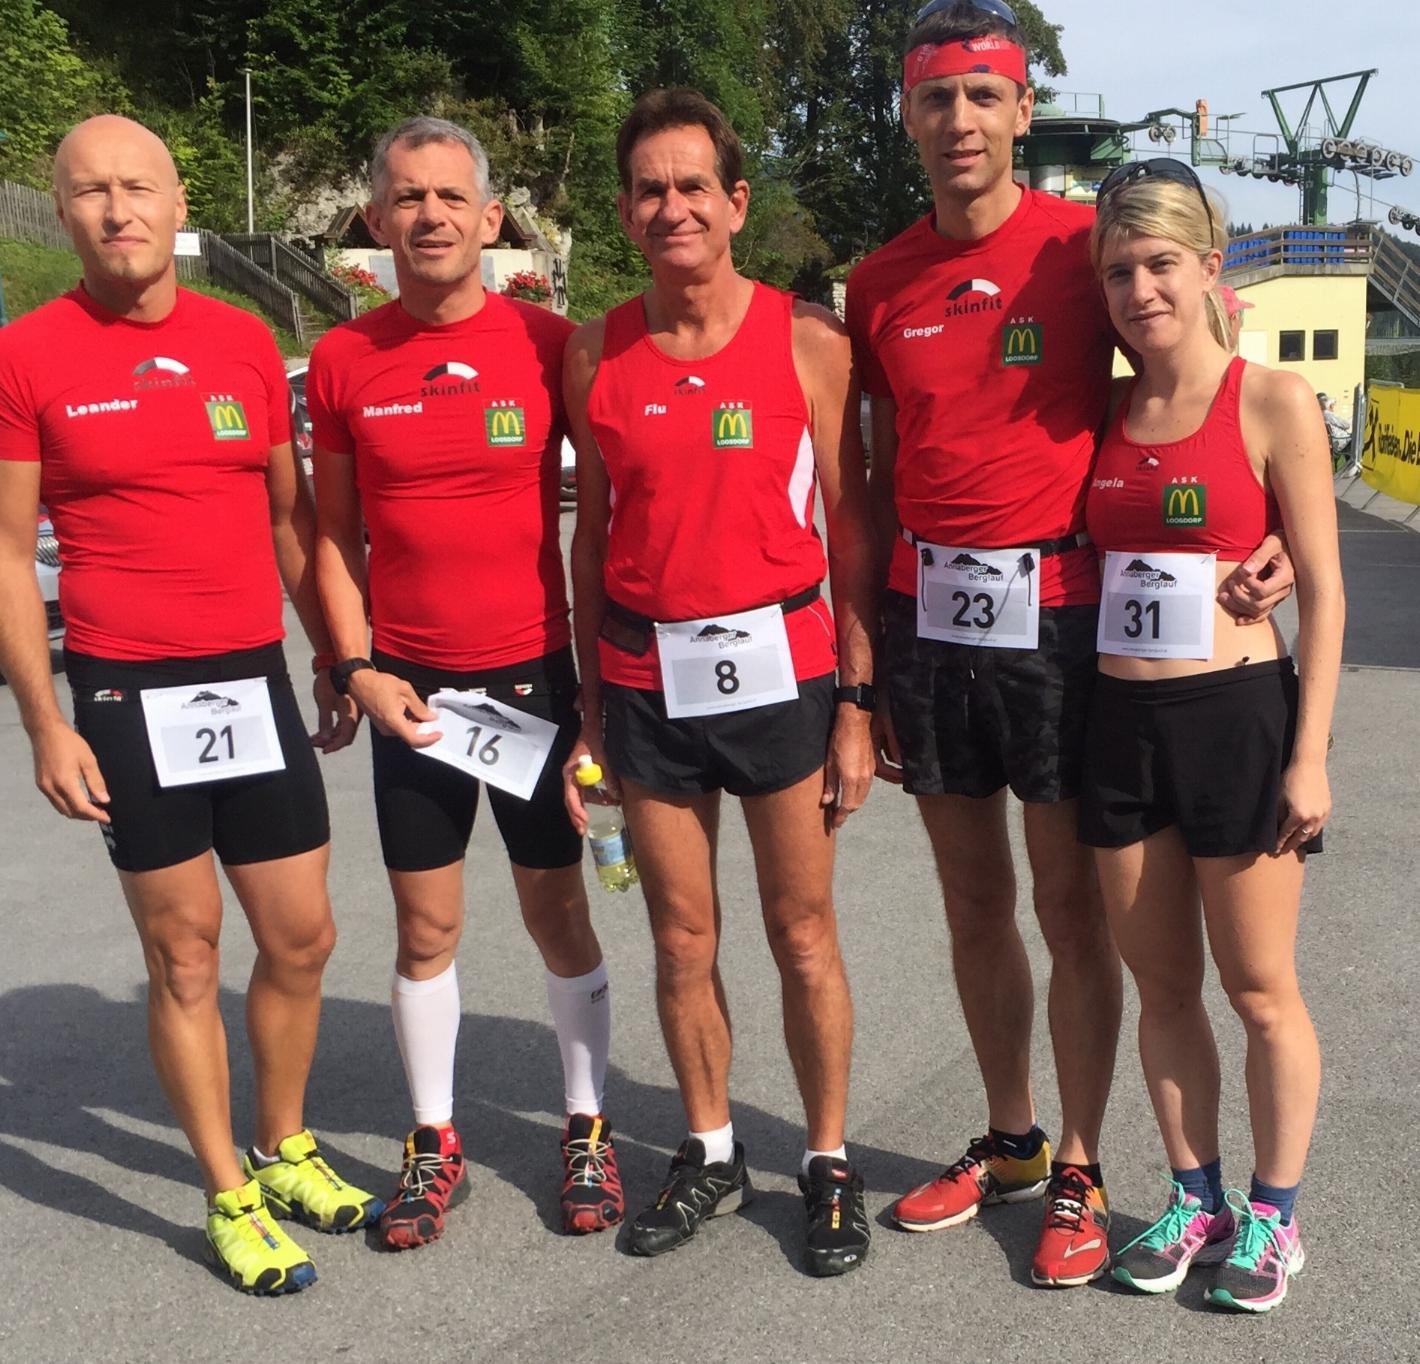 vlnr.: Leander, Manfred, Ernst, Gregor, Angela